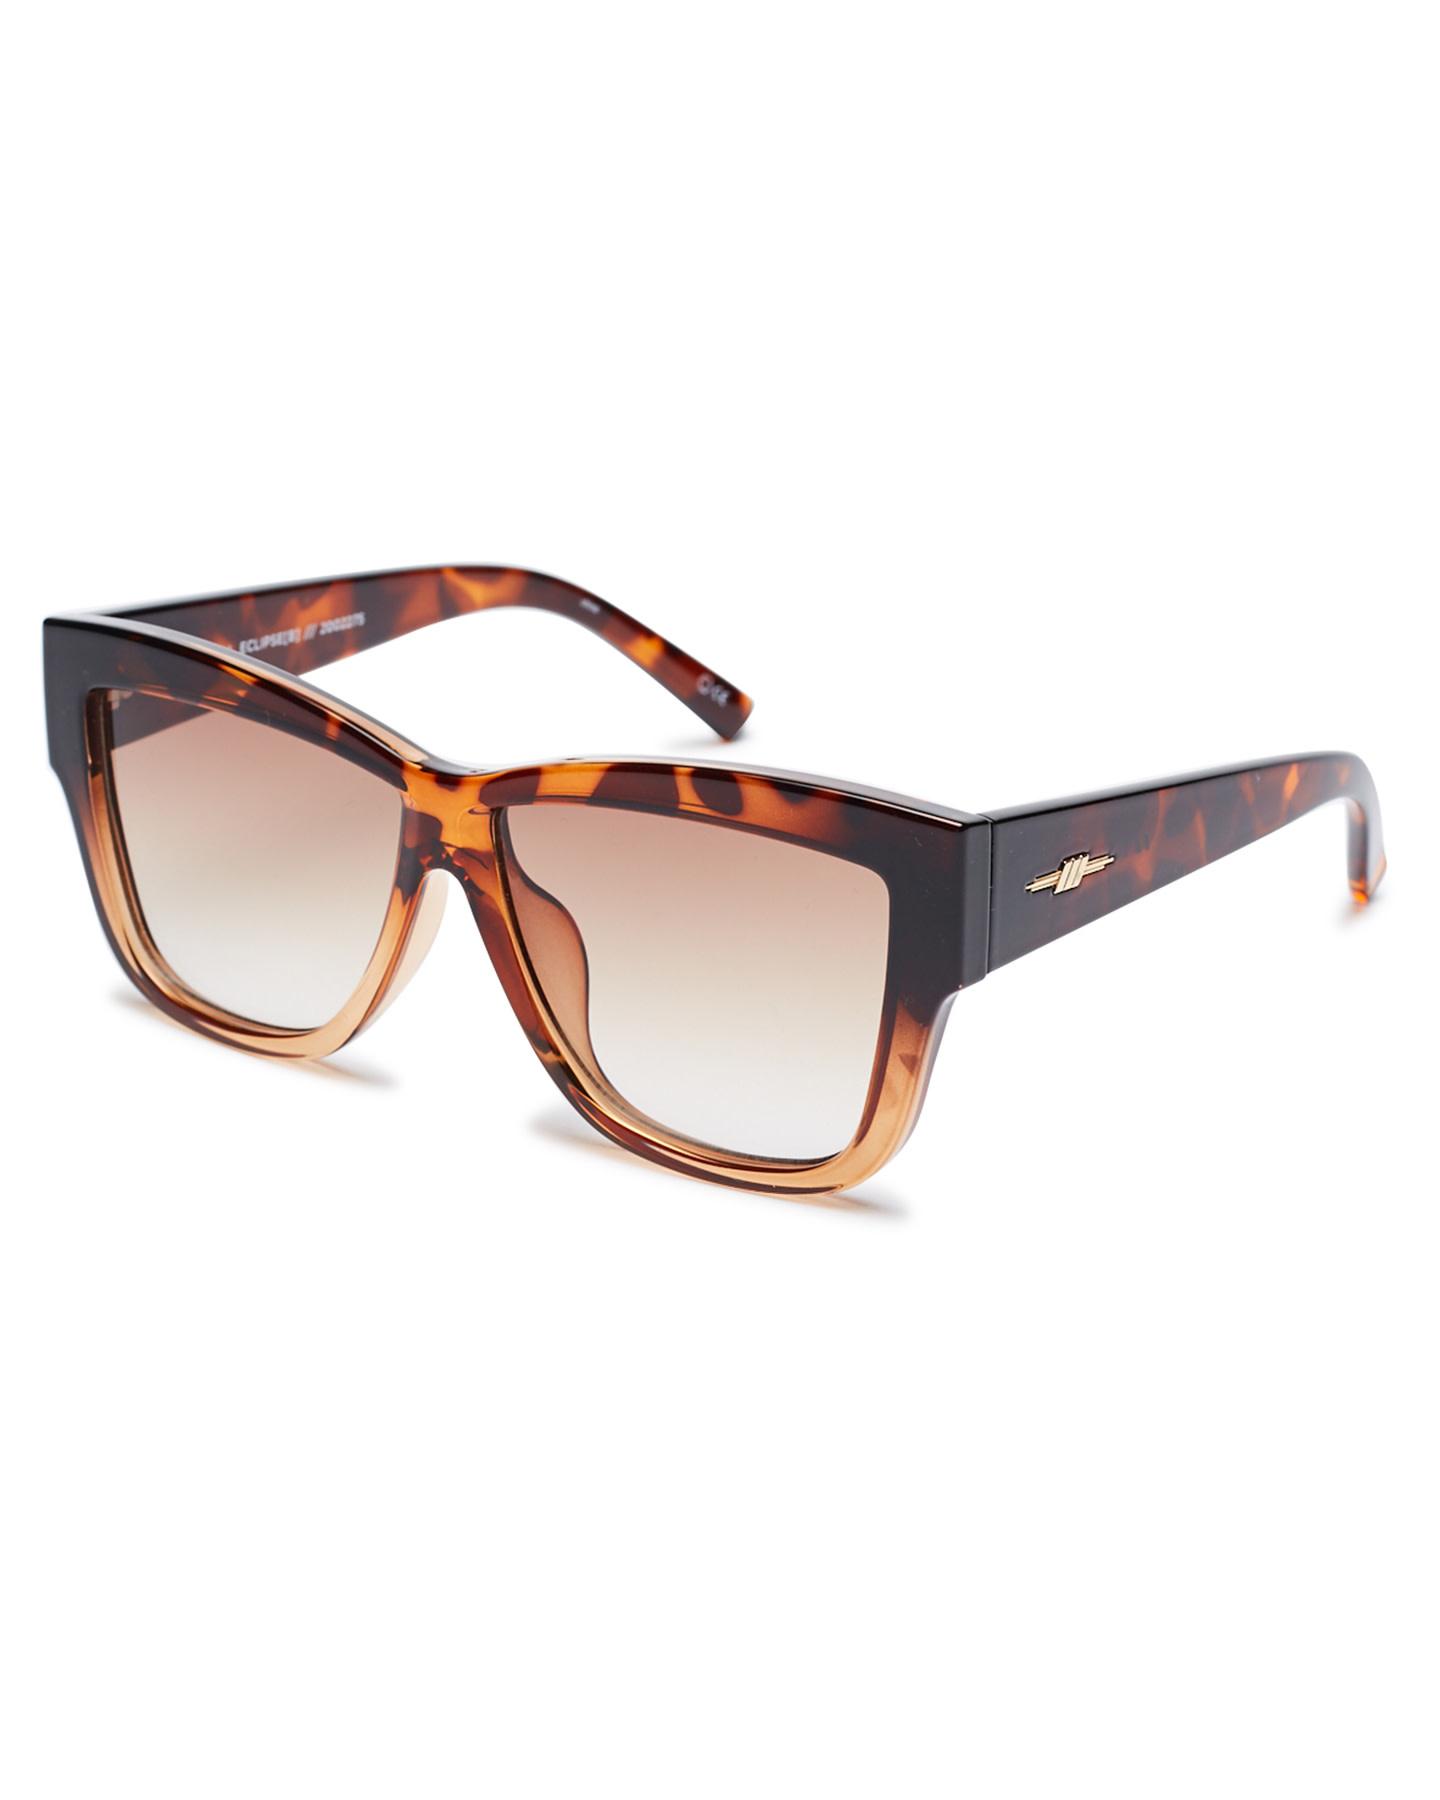 Le Specs Le Specs Total Eclipse Tortoise Tan Grad w/Brown Grad